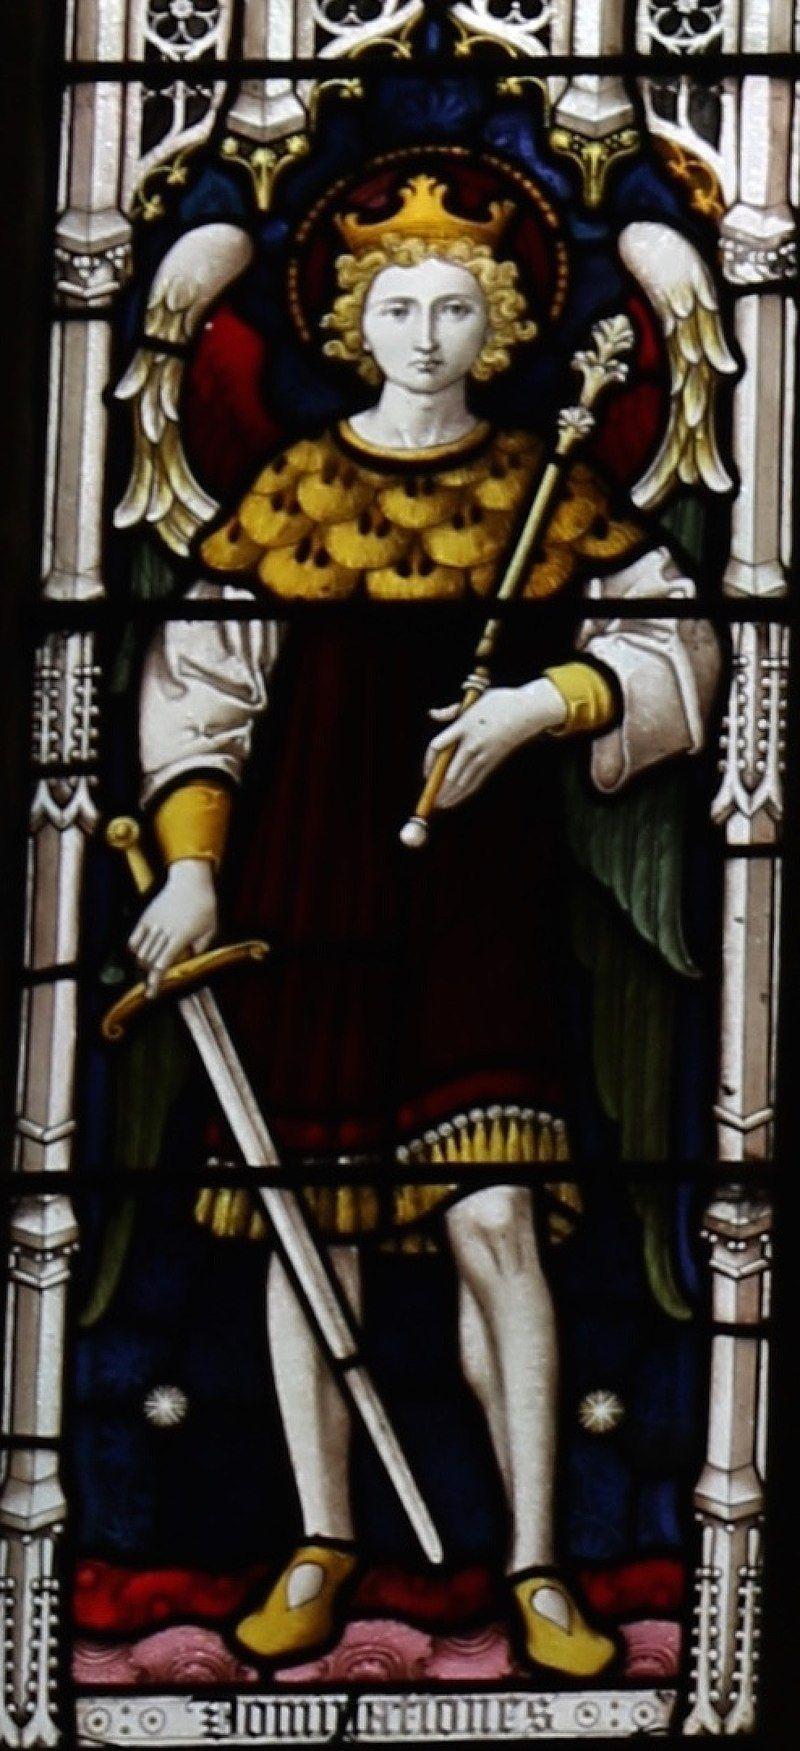 Representación angelical de una dominación, ubicada en la ventana occidental De la Iglesia de San Miguel y todos los ángeles en Somerton. Vía Wikimedia Commons.